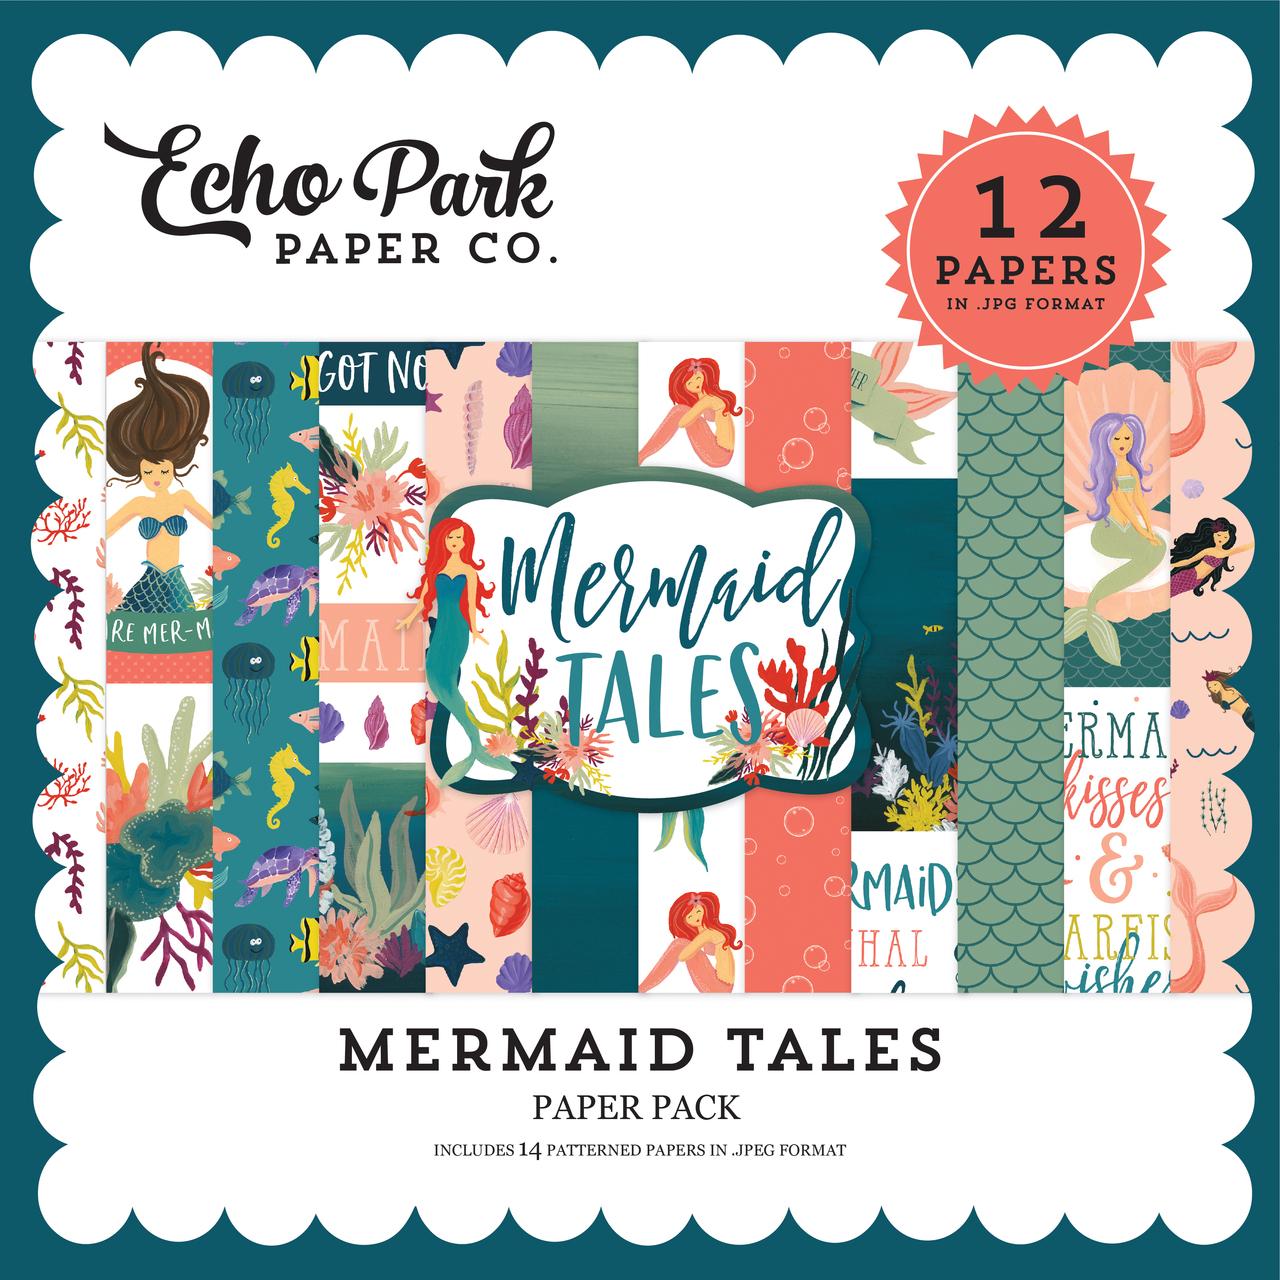 Mermaid Tales Paper Pack